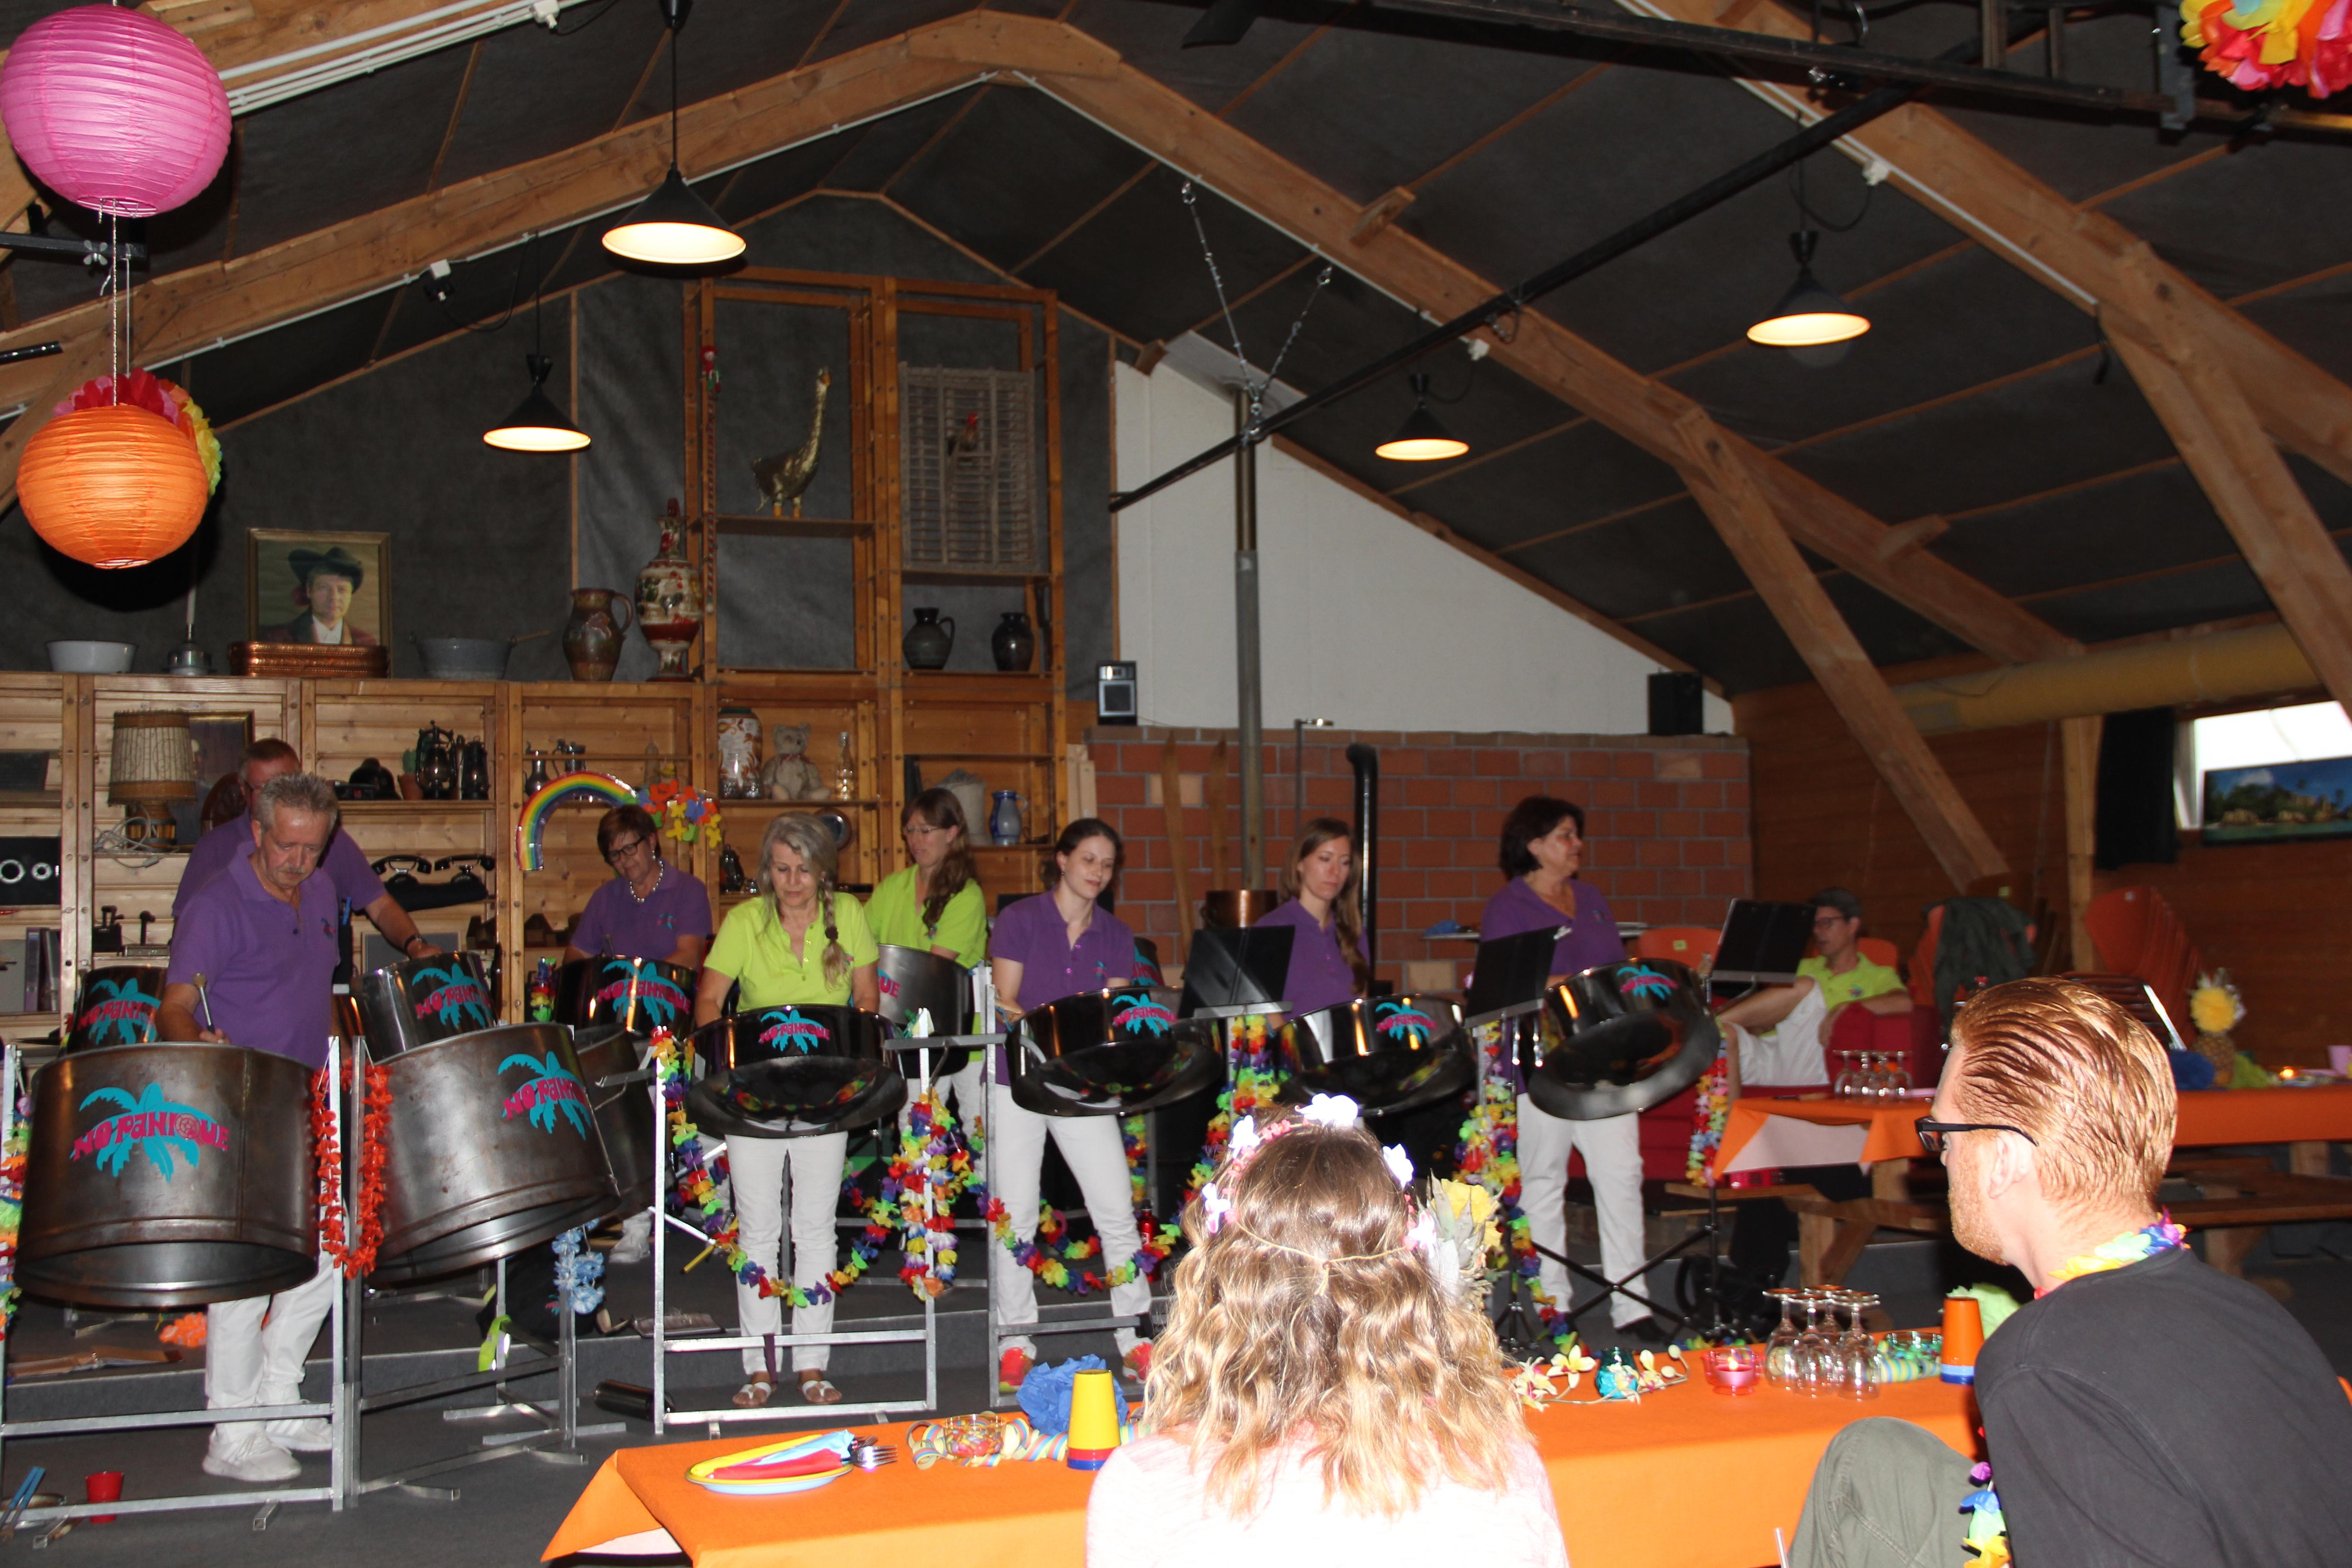 Geburtstagsfest am 1. September 2017 in Diemerswil